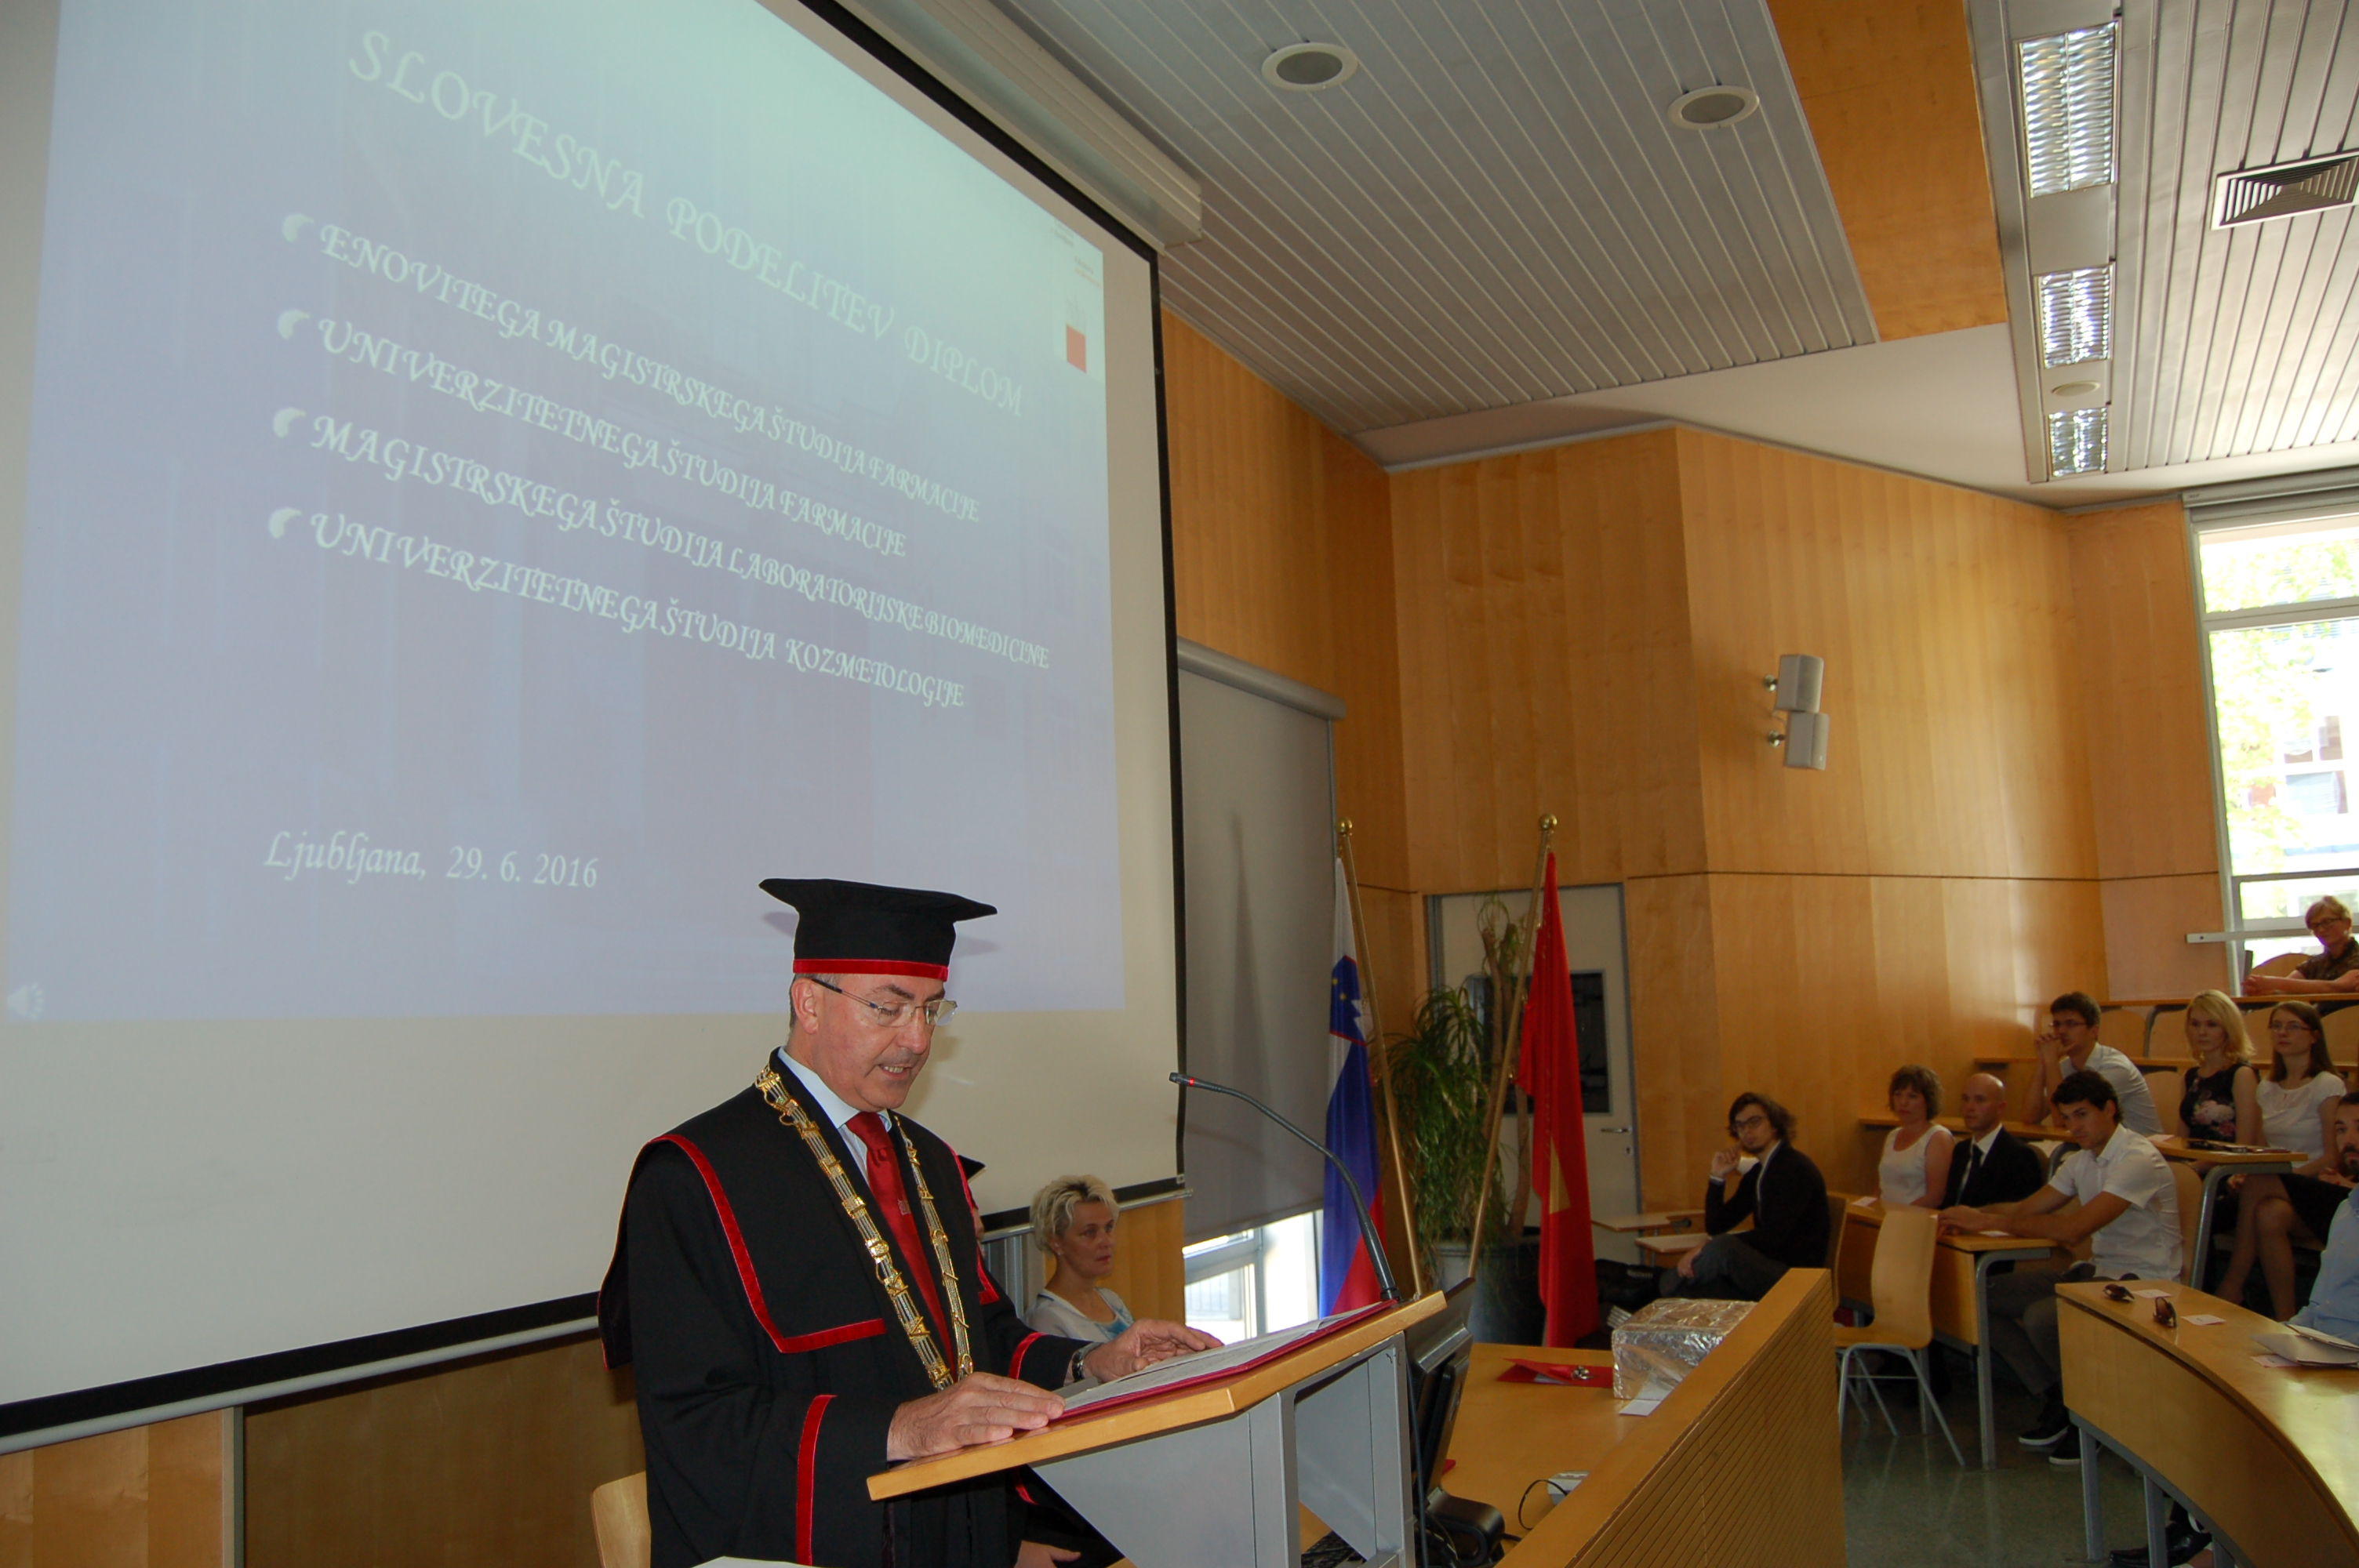 Podelitev diplom 29.6.2016